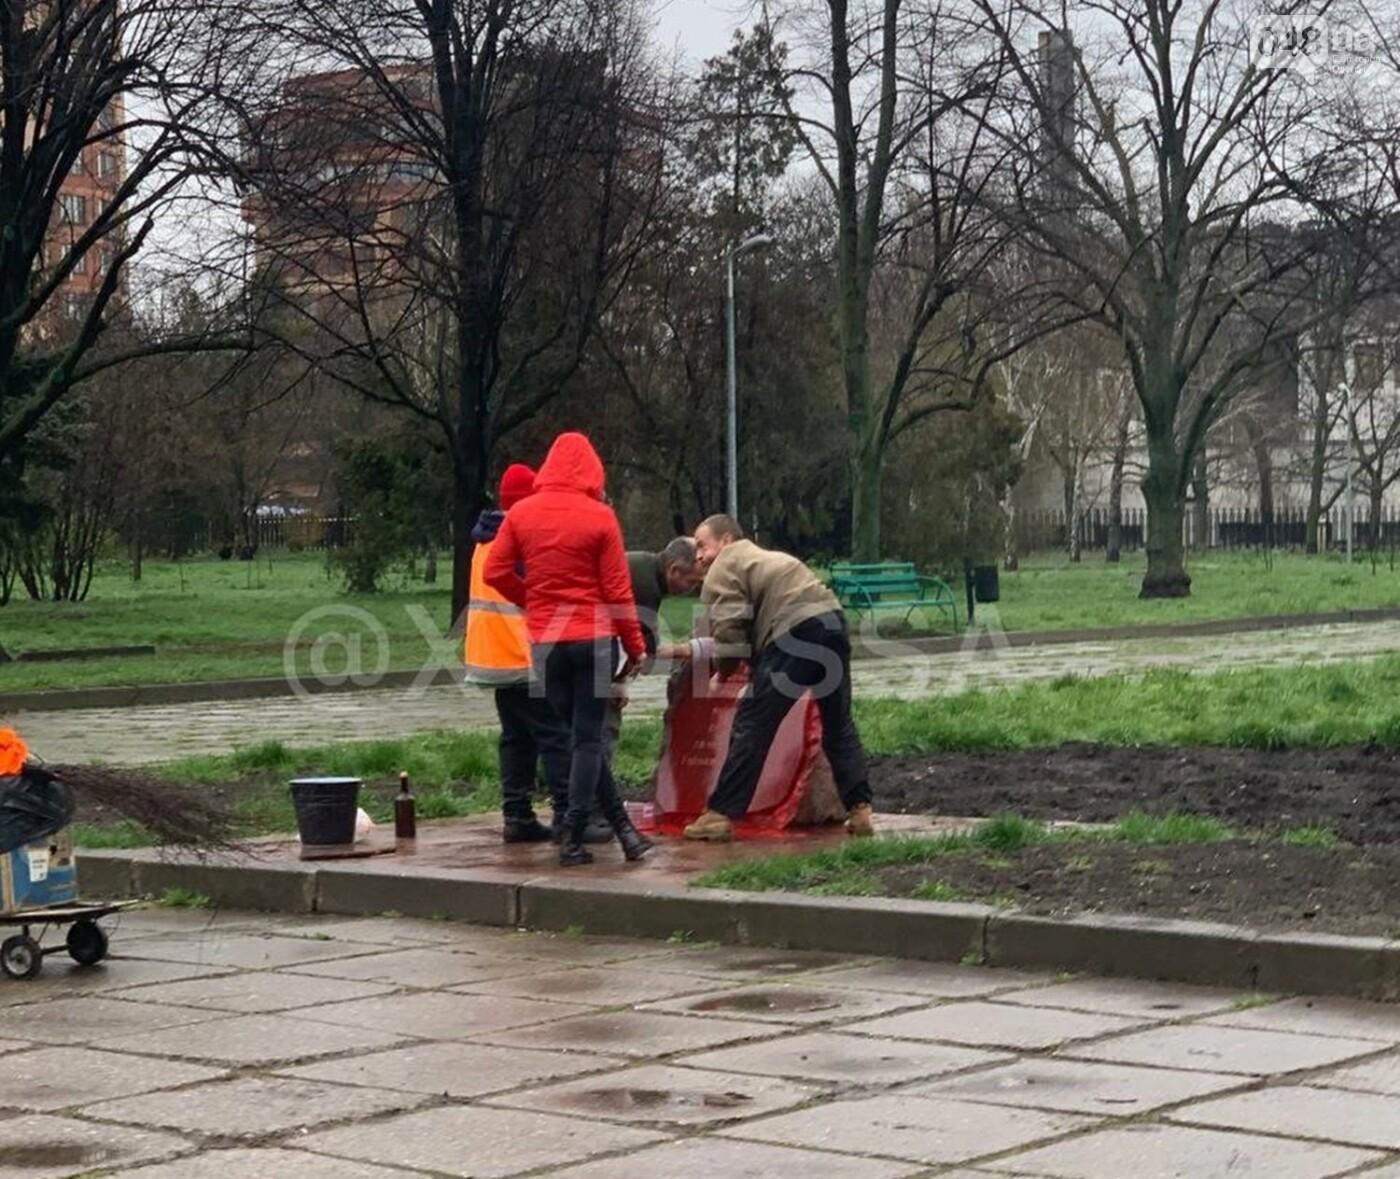 В Одессе второй раз за месяц осквернили памятный знак погибшим в зоне АТО и ООС воинам, - ФОТО, фото-1